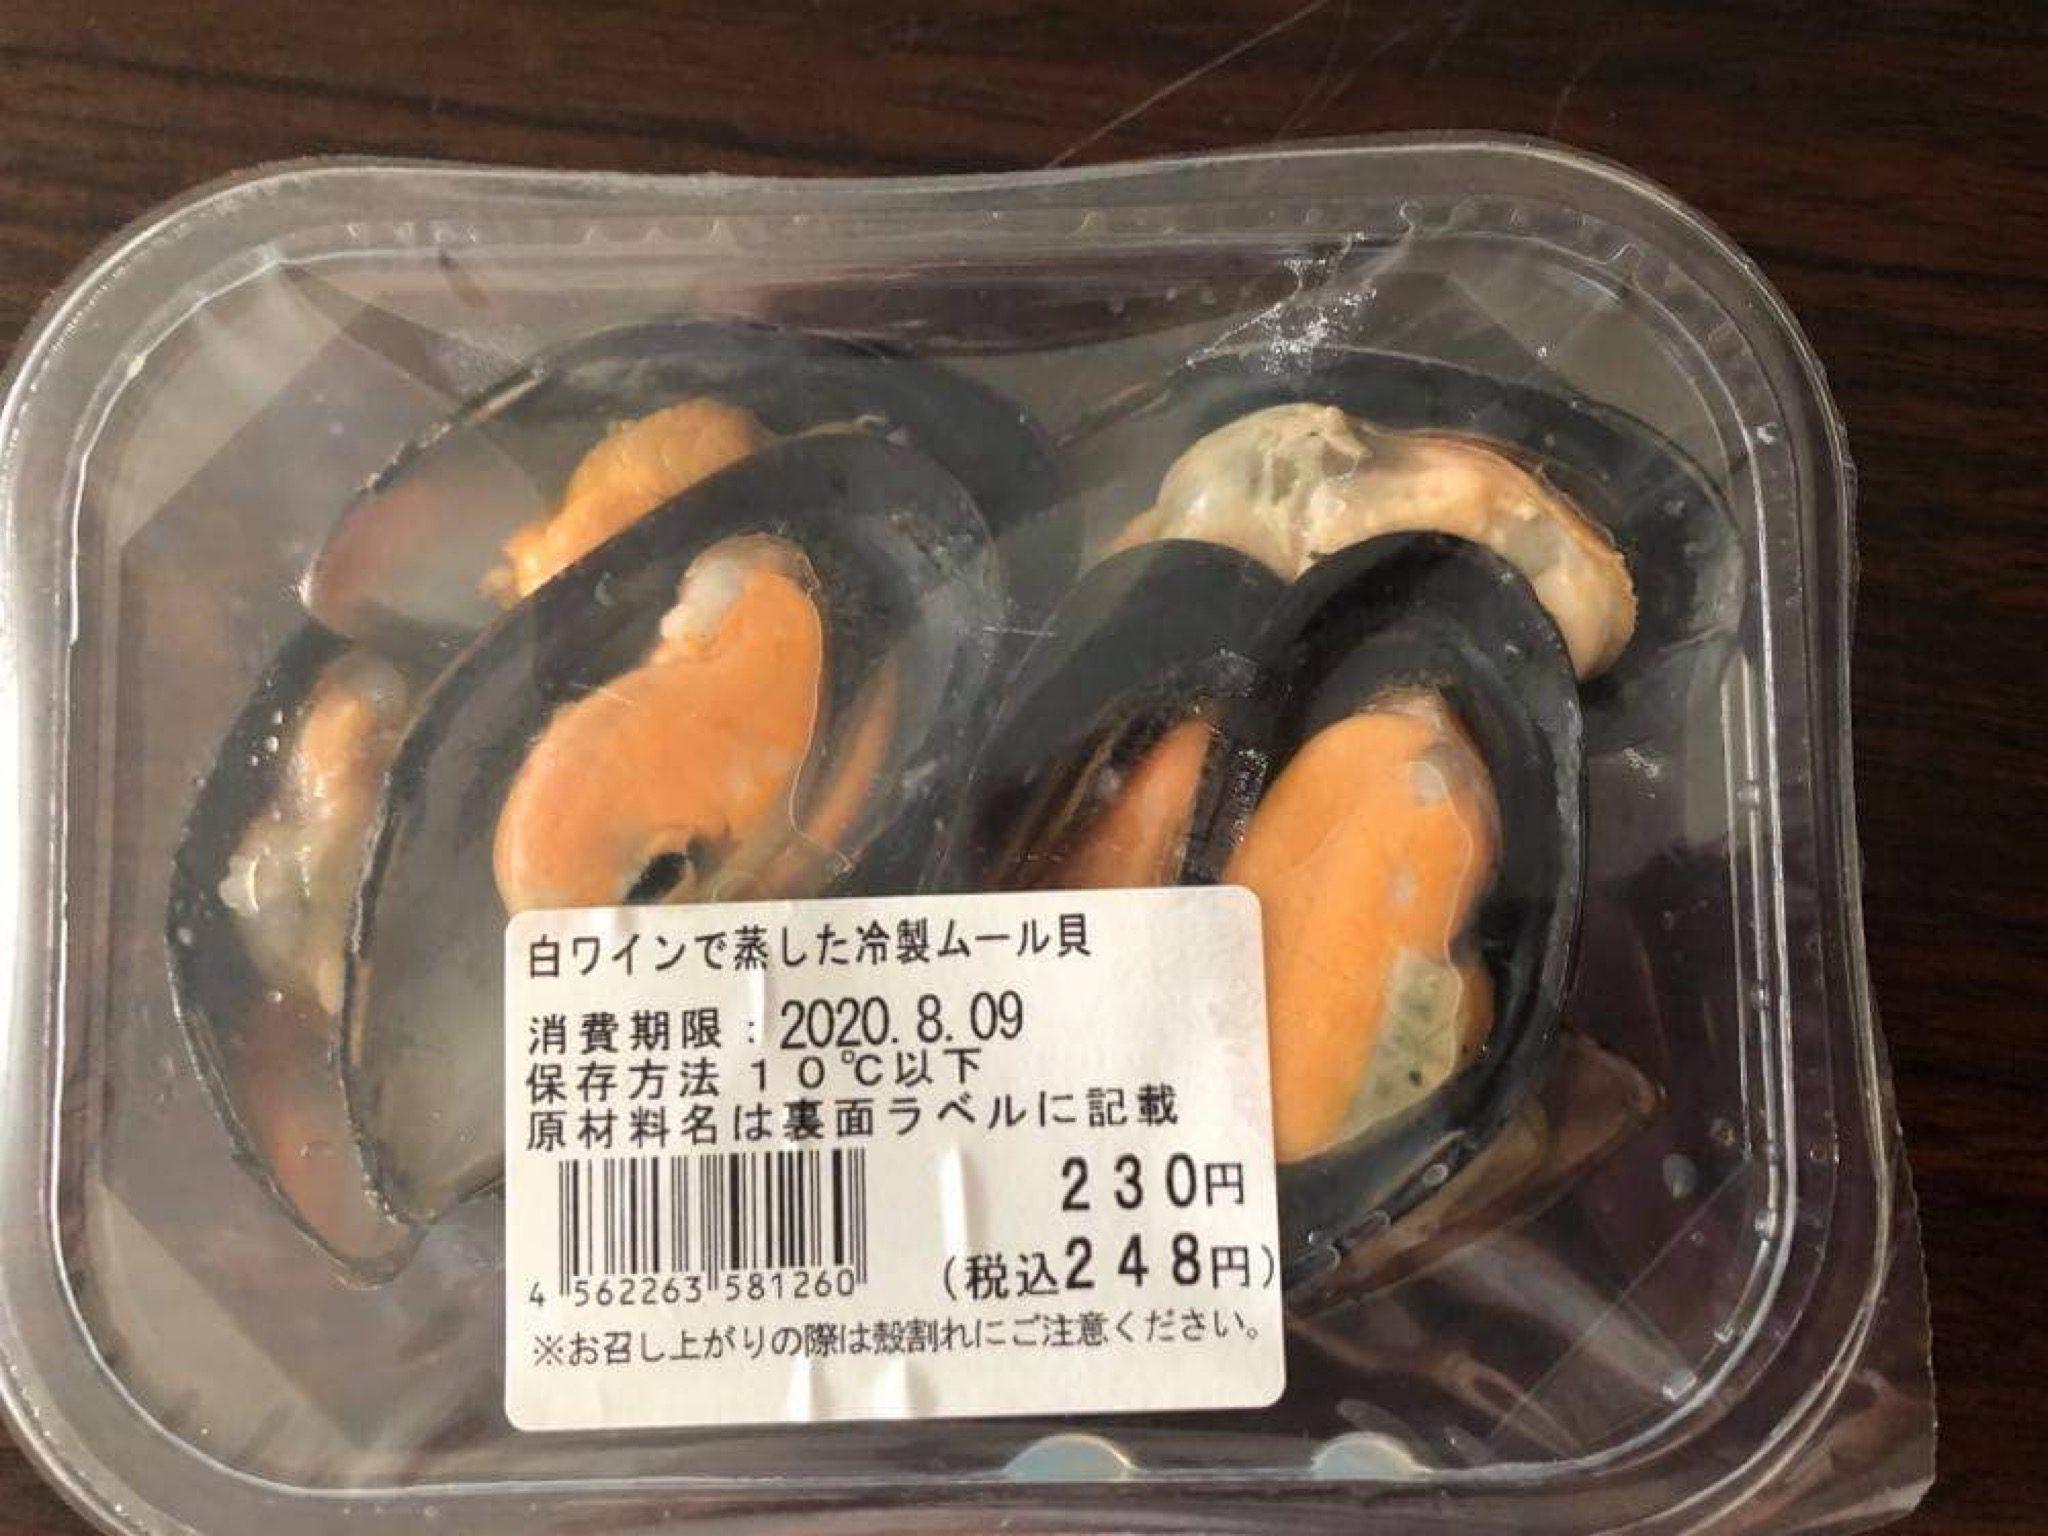 セブン惣菜 オードブル 堀江陶器オーバルブロンズプレート⑨